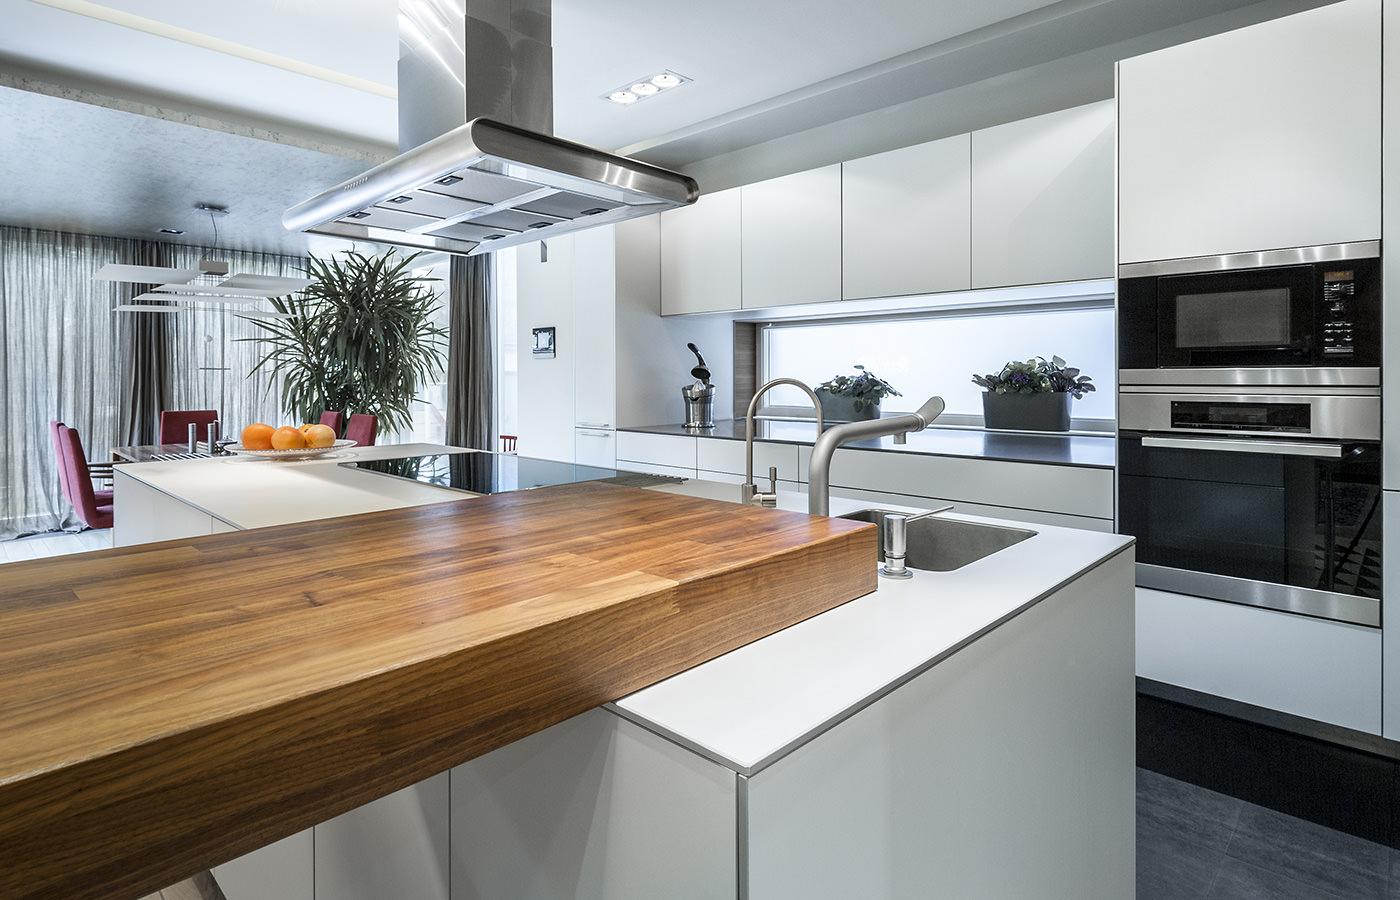 Ungewöhnlich Handwerker Küche Und Bar Fotos - Küche Set Ideen ...